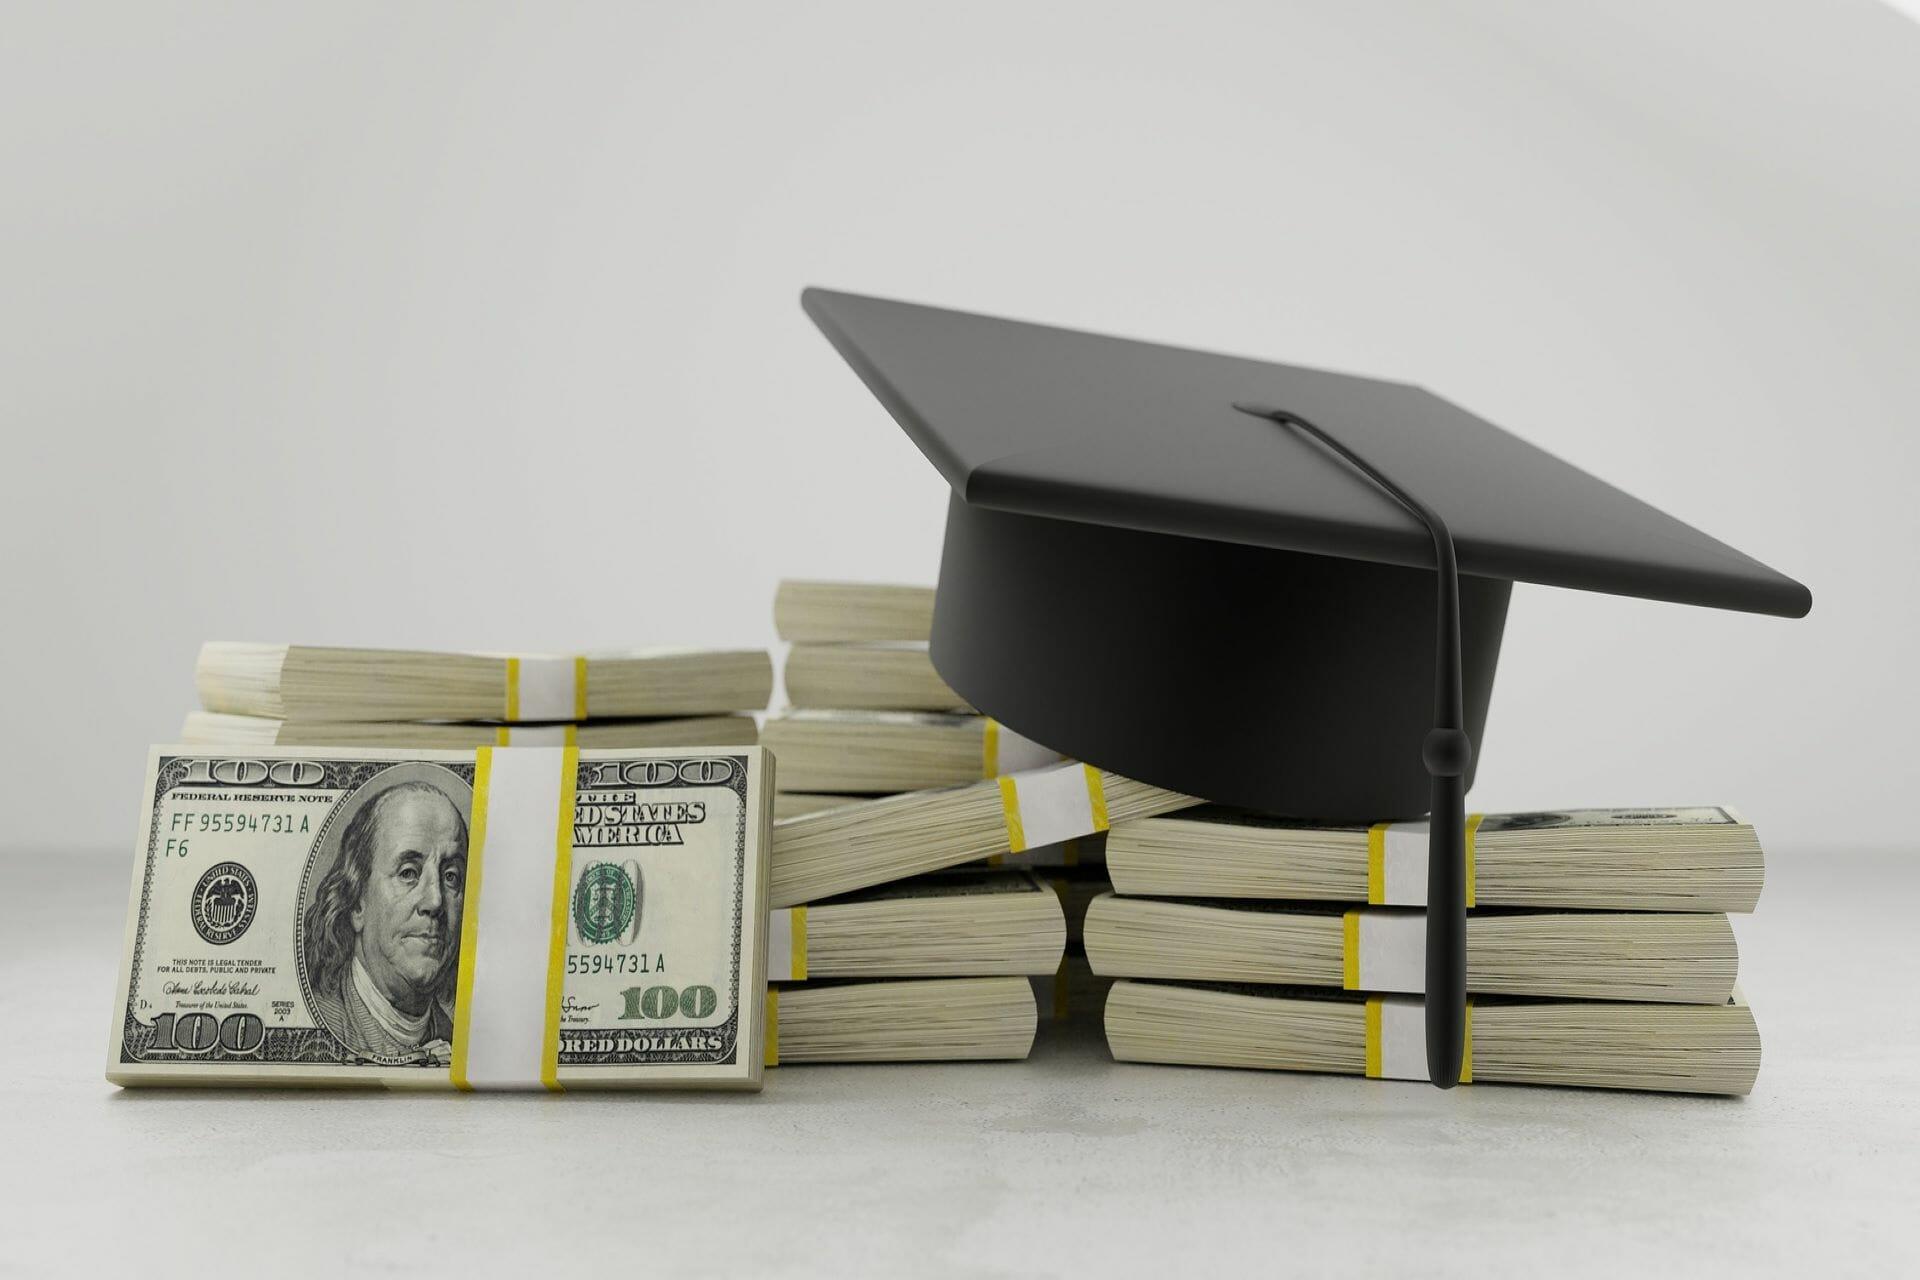 laurel road student loan cash back